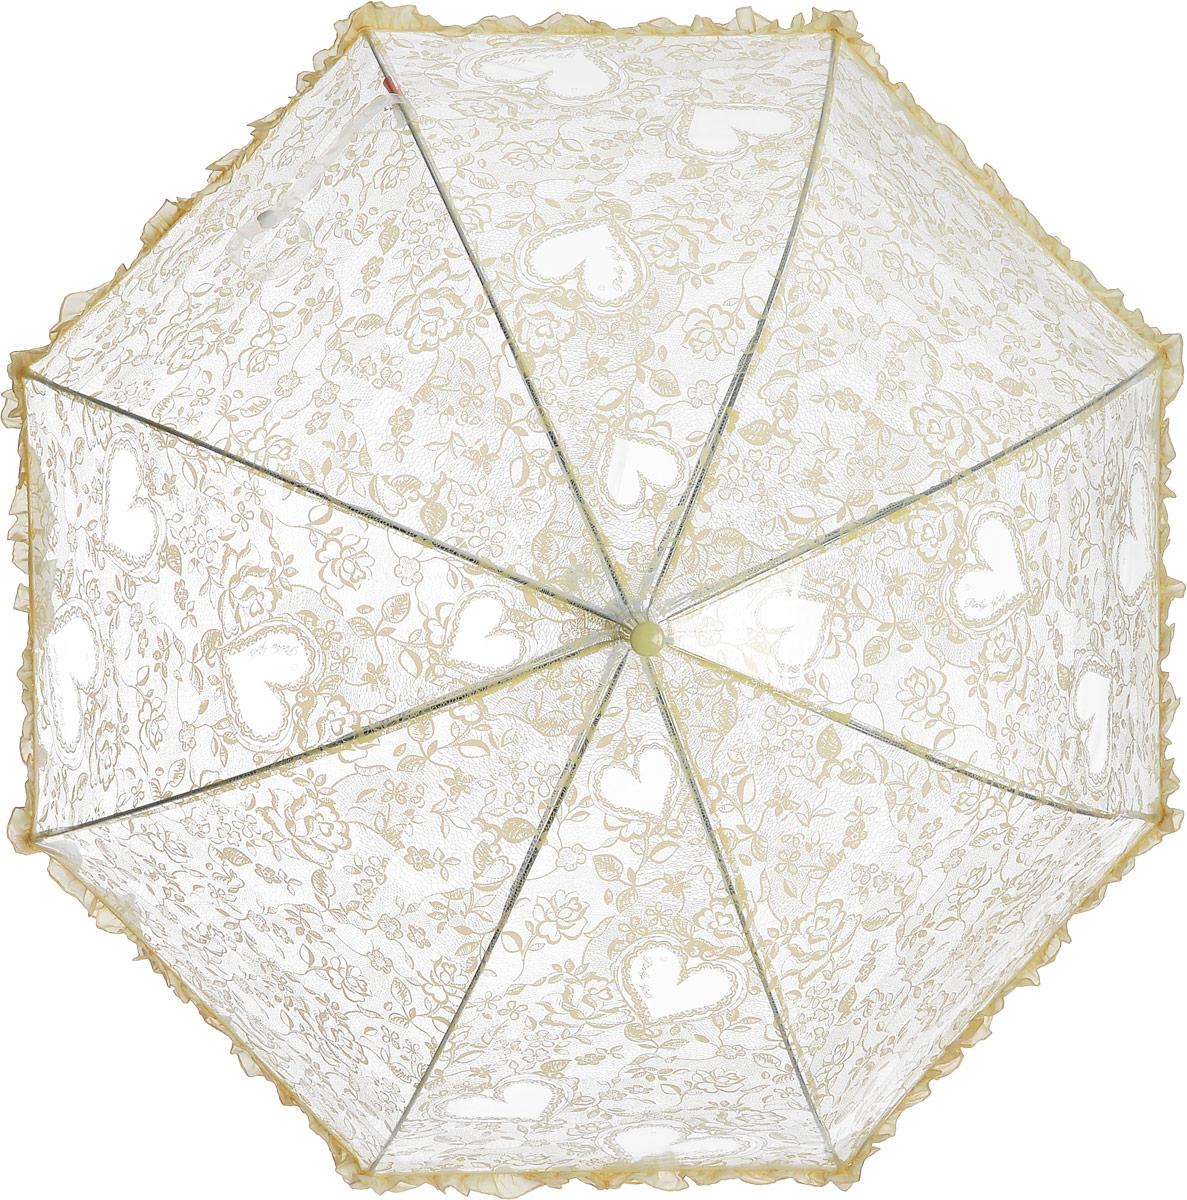 Зонт детский Airton, механический, трость, цвет: прозрачный, желтый. 1651-021651-02Замечательный прозрачный зонтик для юной модницы с рисунком Сердечки. Механихм зонта - полуавтомат. Аксессуар сделан с соблюдением всех стандартов безопасности, острые концы заблокированы специальными клипсами, ручка в форме крюка позволит легко повесить зонт даже на собственную руку.